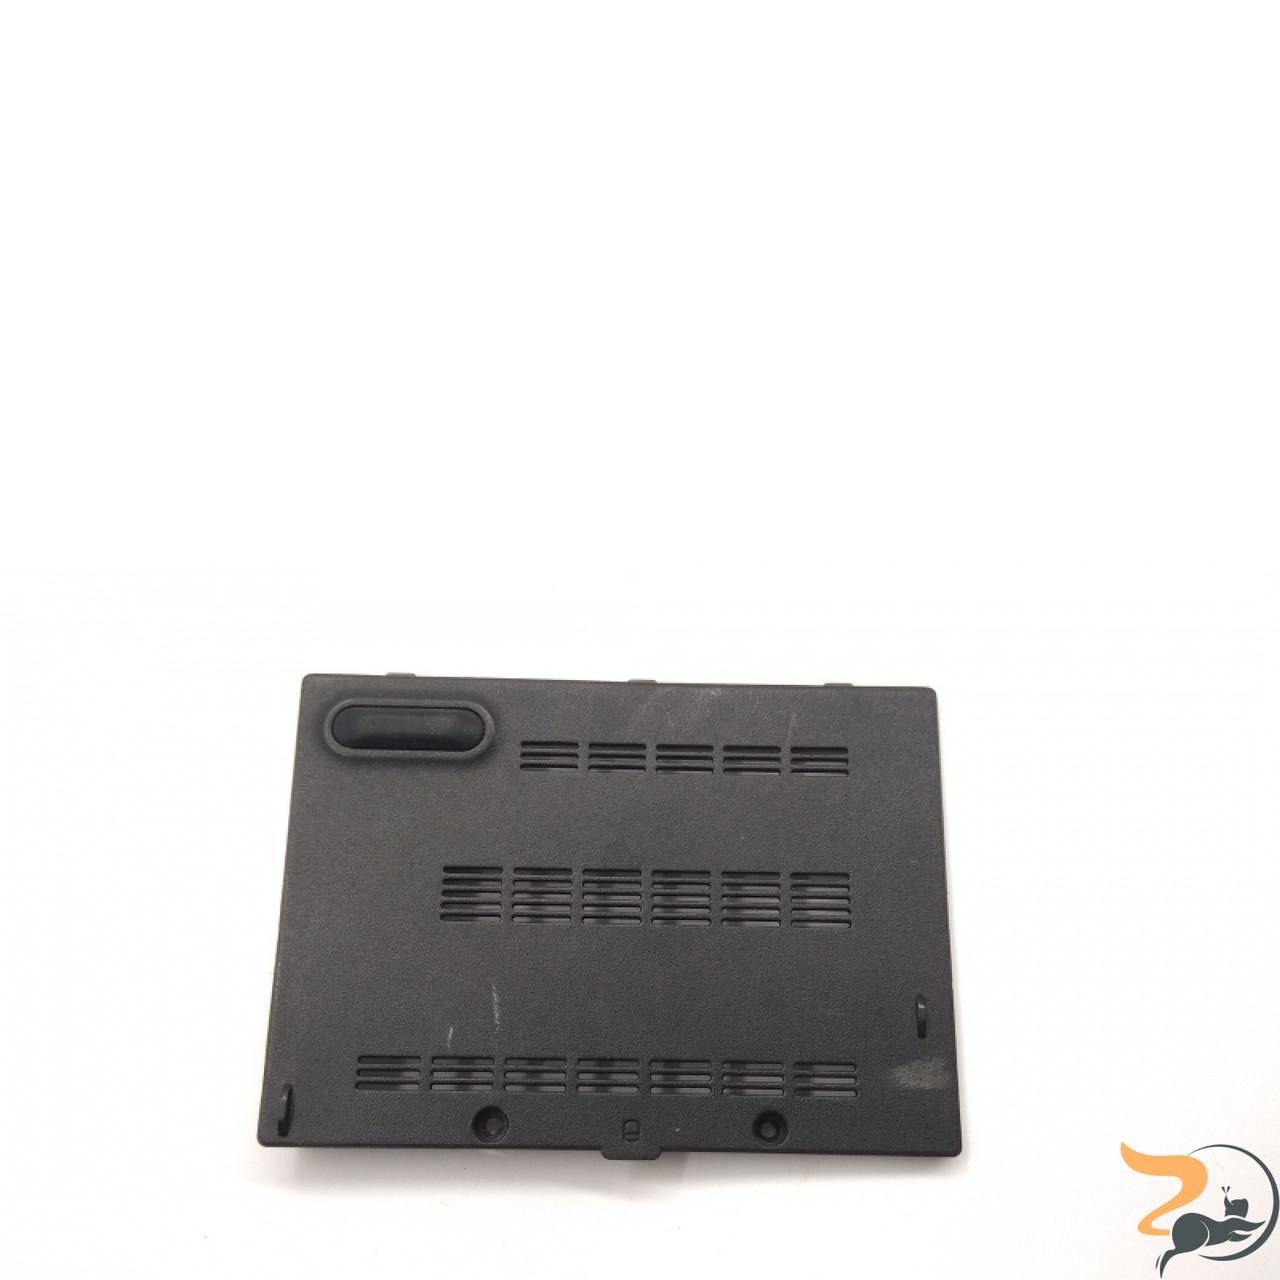 Сервісна кришка для ноутбука Asus PRO 61S, 13GNST10P04X-1, Б/В. В хорошому стані, без пошкоджень. Є подряпини та потертості.